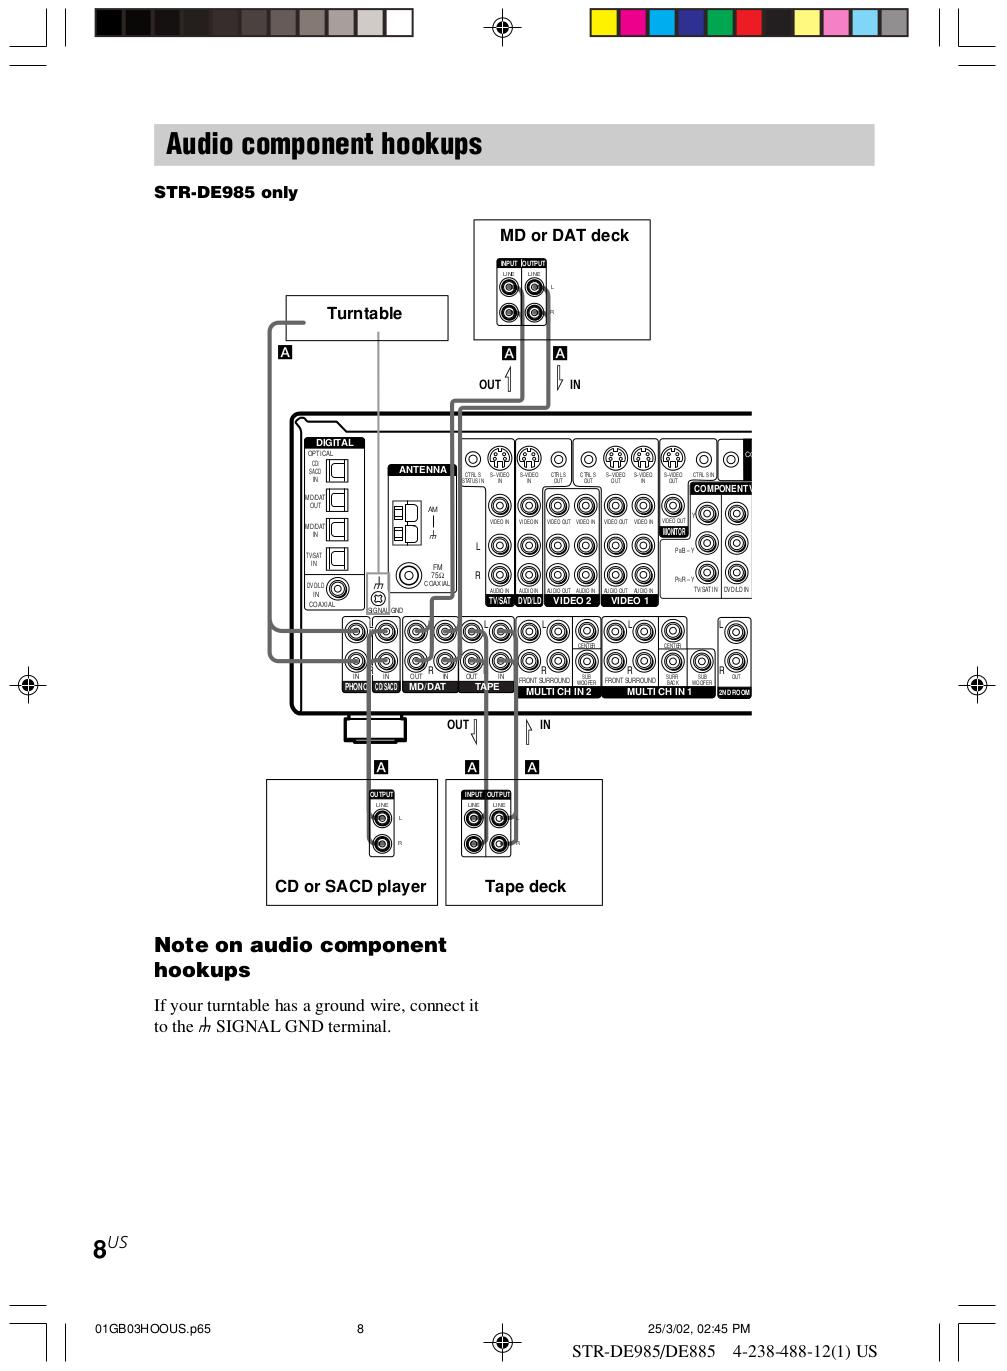 pdf manual for sony receiver str de985 rh umlib com Sony STR De985 Manual sony str-de985 specs